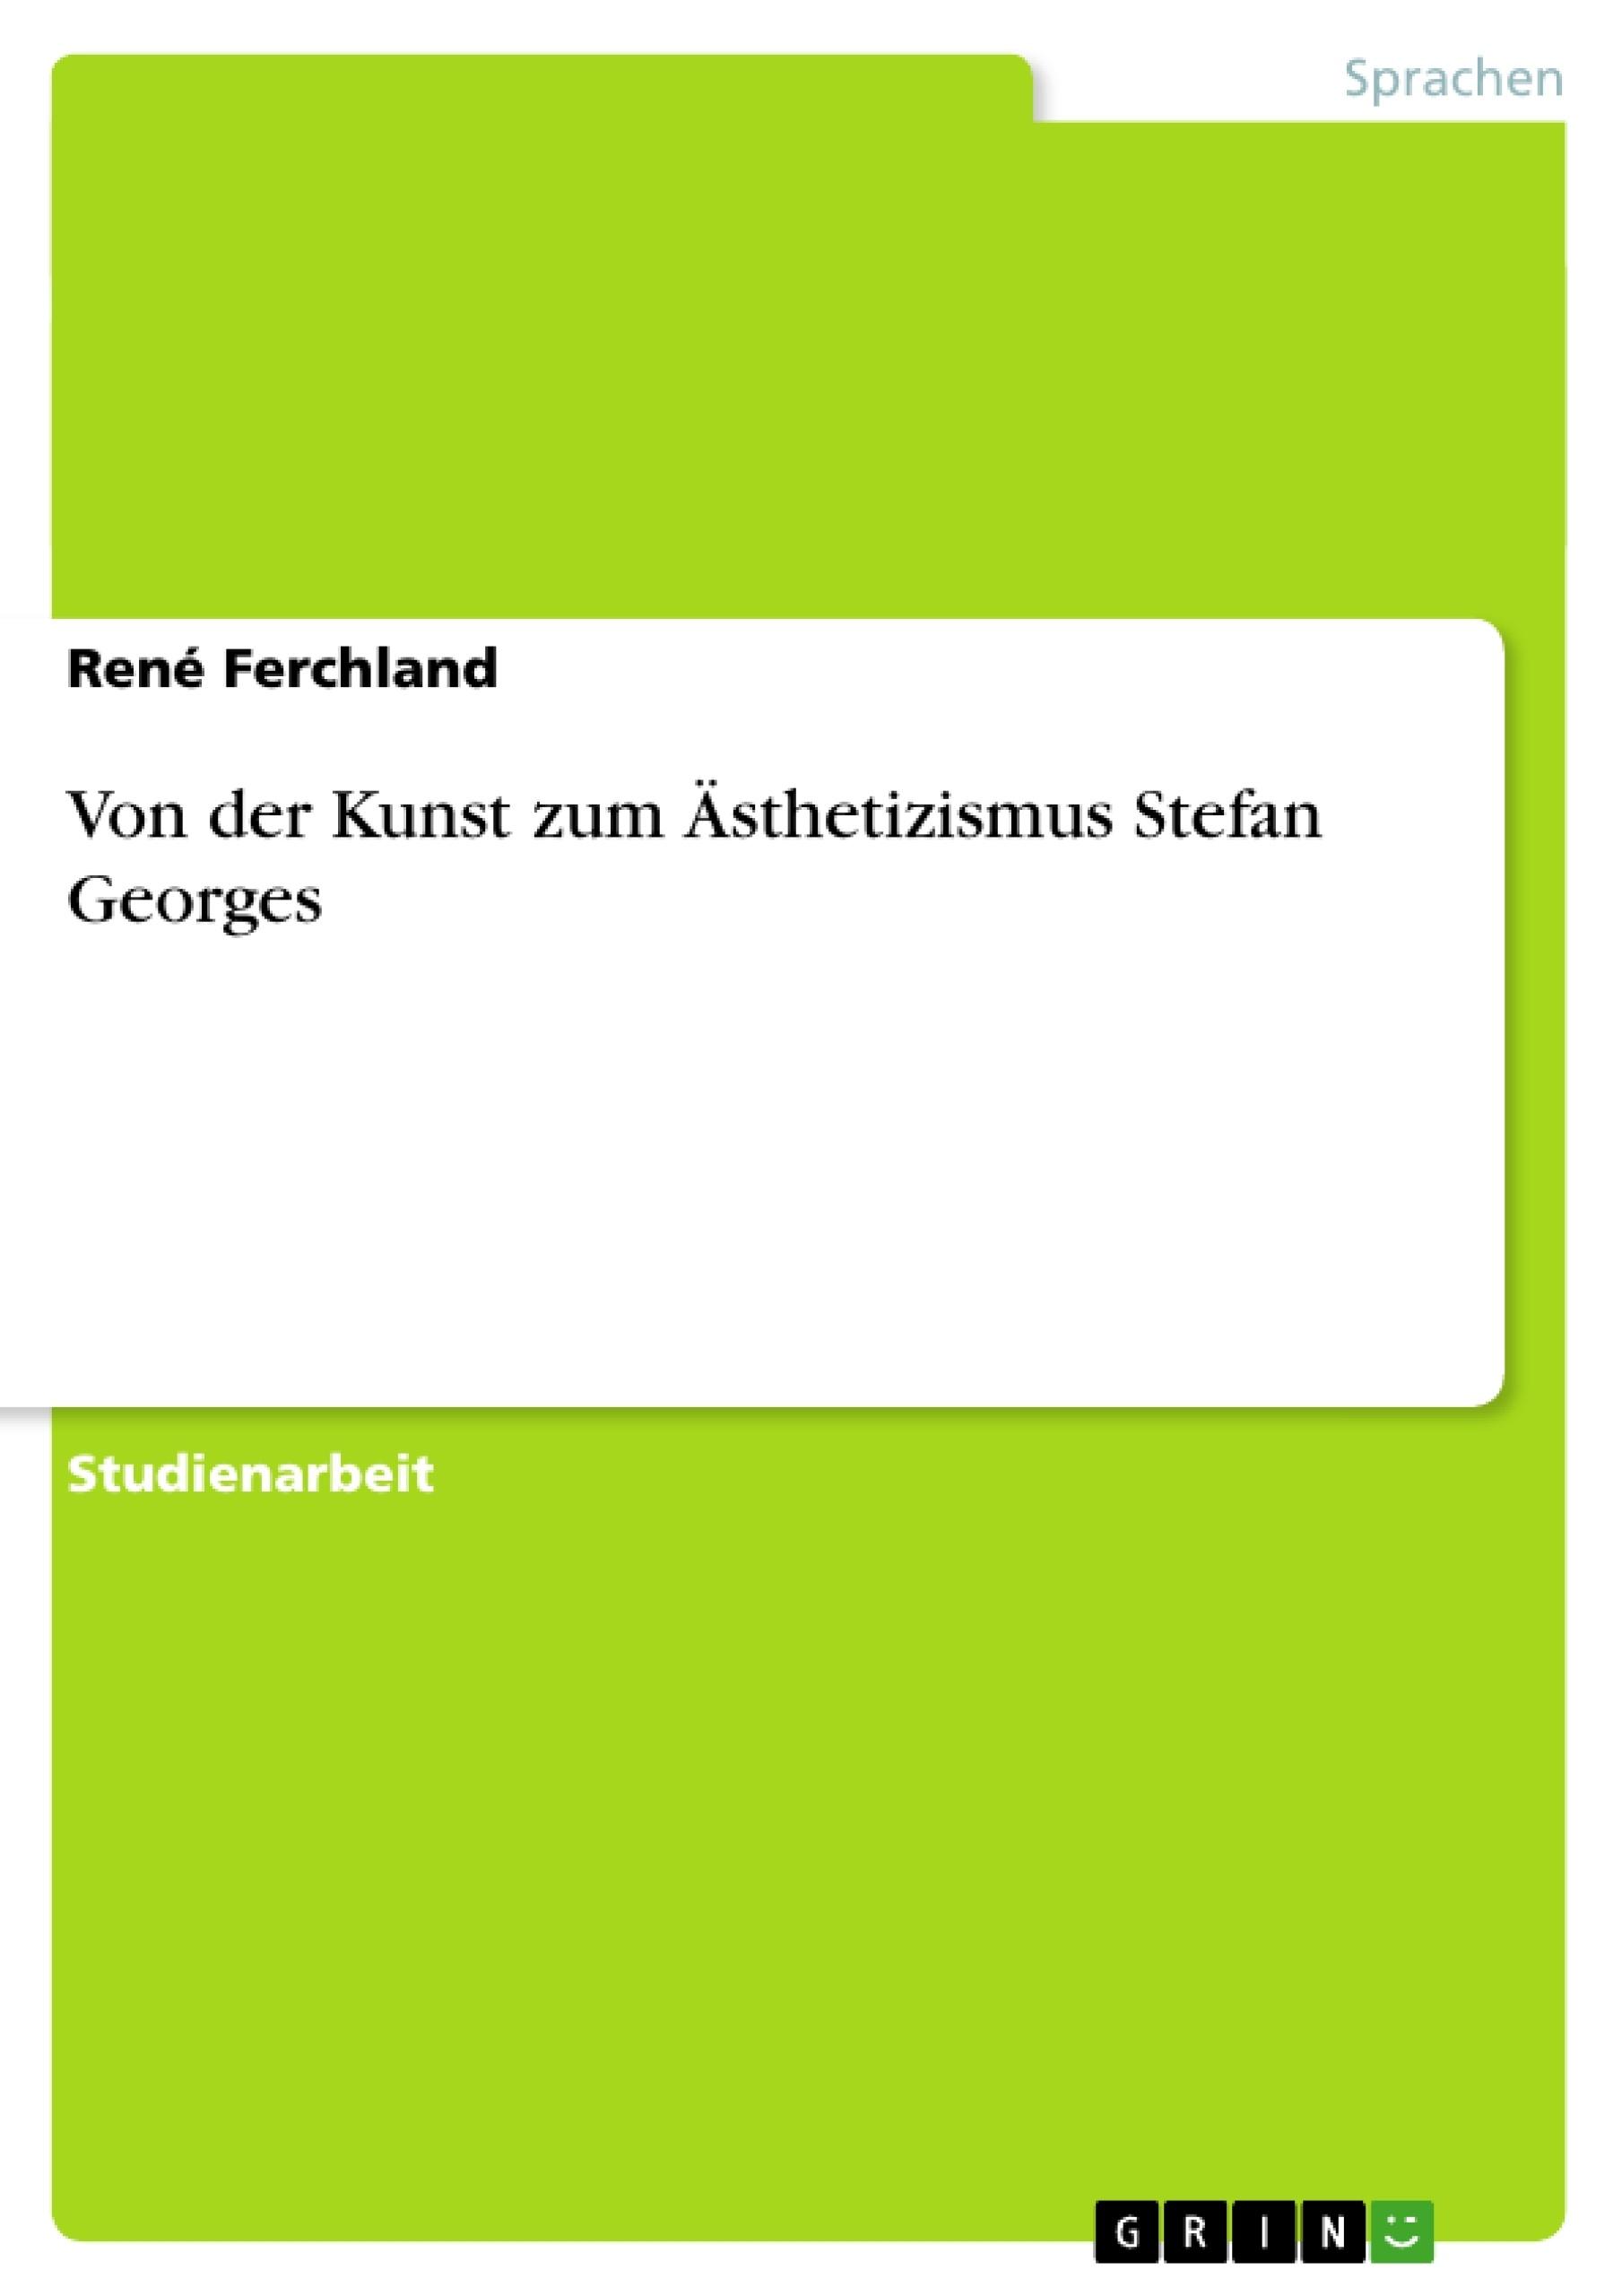 Titel: Von der Kunst zum Ästhetizismus Stefan Georges